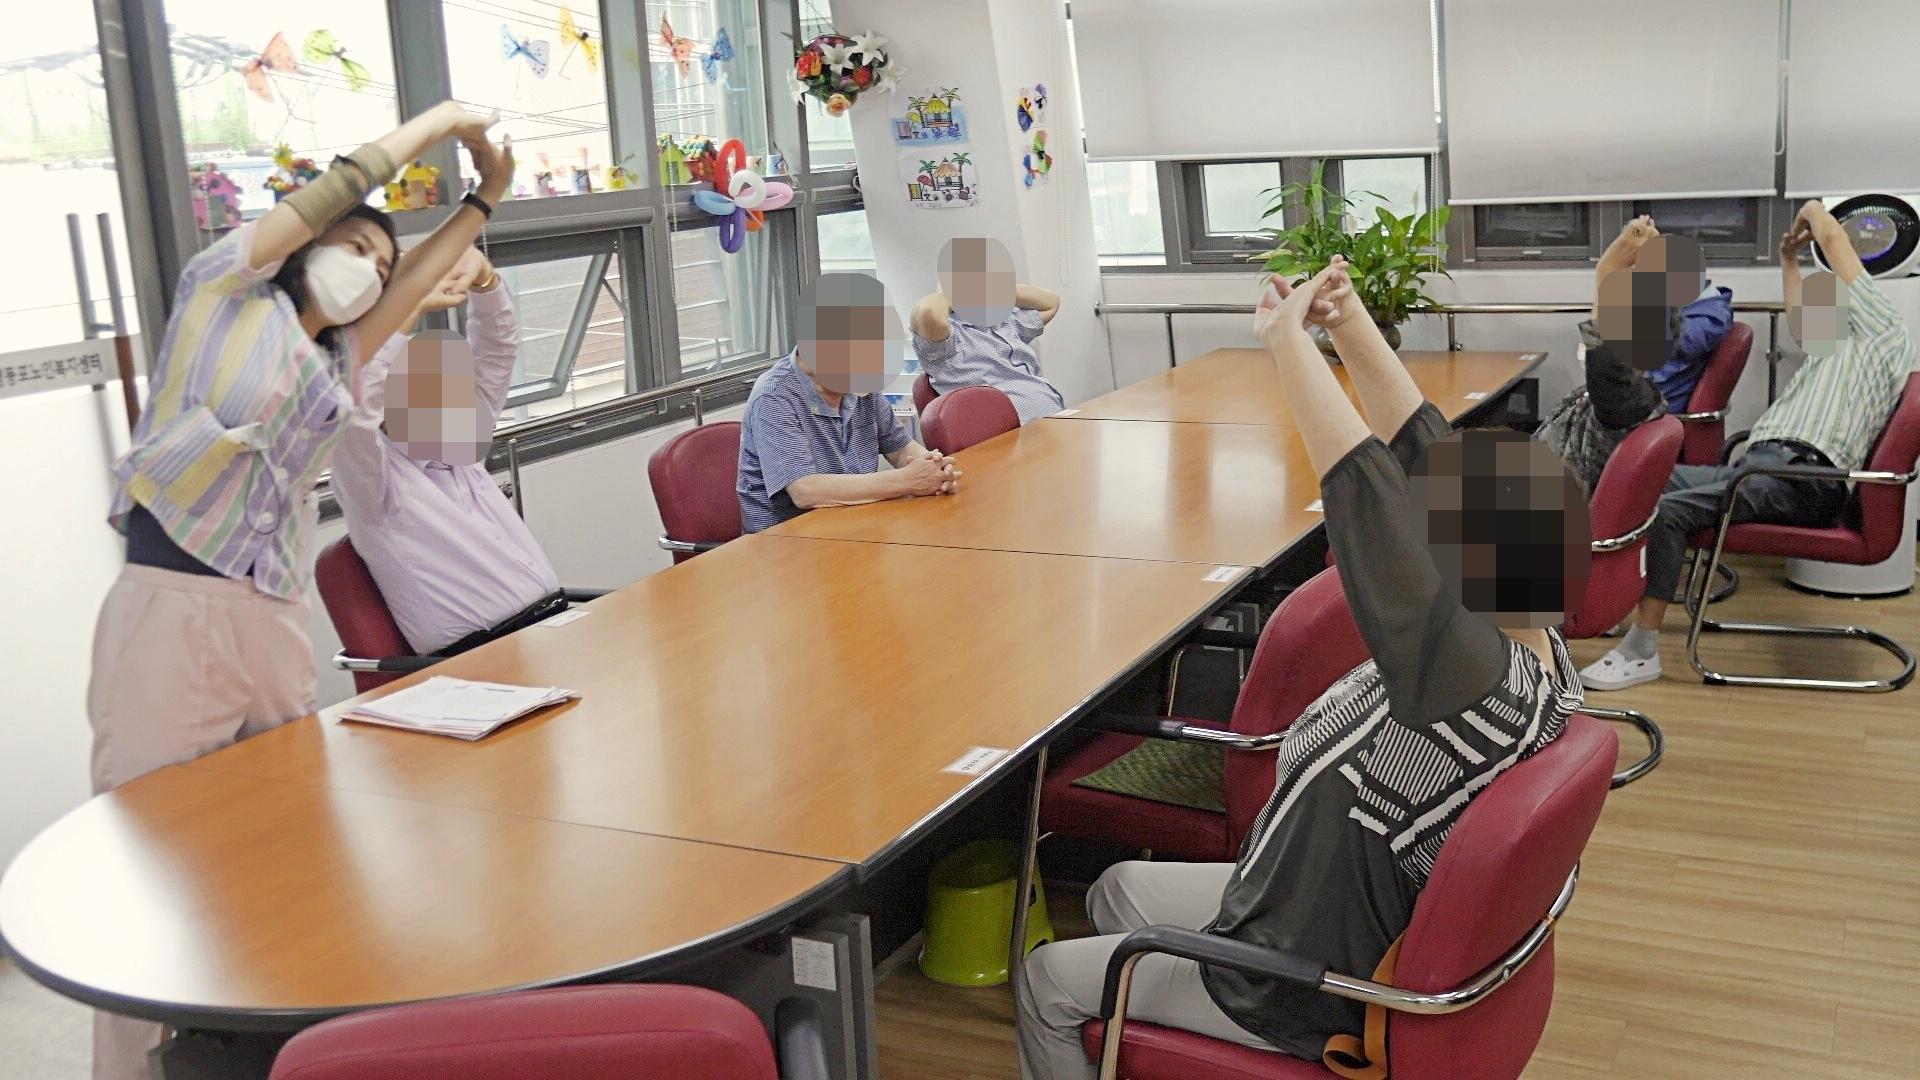 주야간보호센터 6월 아침건강체조 사진입니다.